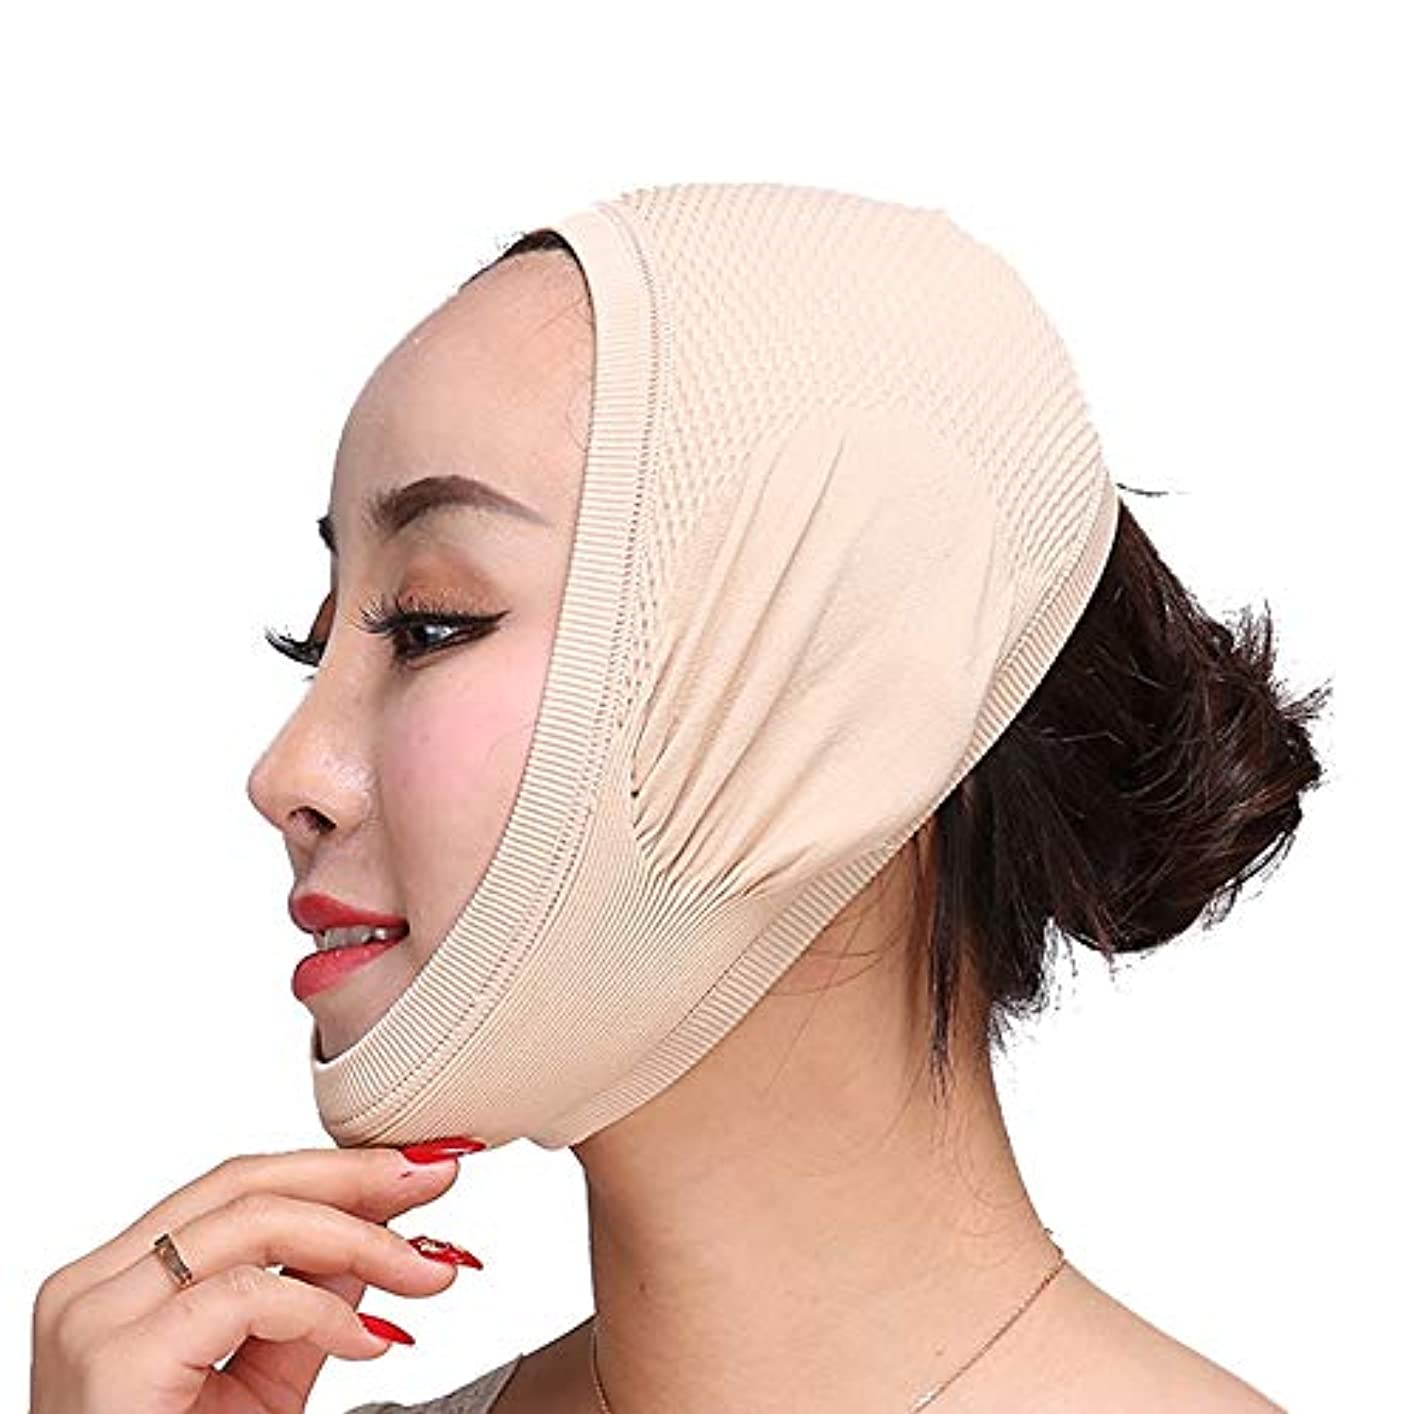 妥協気になる反発する薄い顔ベルト、スリープ包帯防止ひげルーピングリフティングファーミング顔の皮膚ダブルチンリデューサー薄い顔ステッカーVフェイスマスク (Color : A)